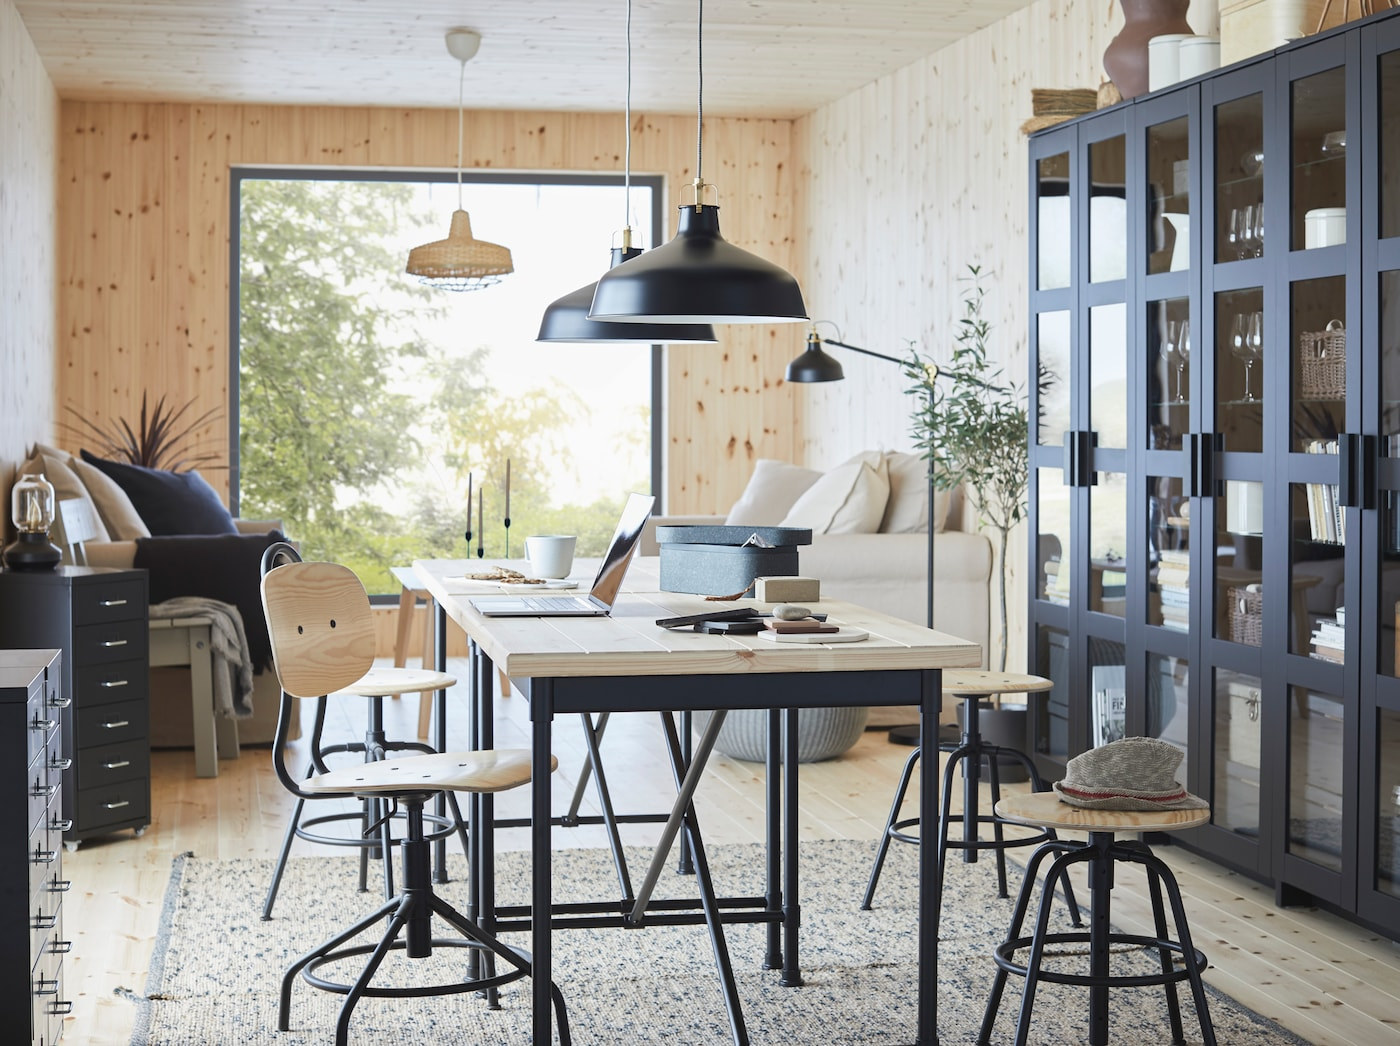 家で仕事をする人にホームオフィスは不要。ダイニングテーブルを使えばOK!パイン材製のKULLABERG/クッラベリ ワークデスク兼 テーブルなら、在宅でのワークライフバランスを取りやすくなります。